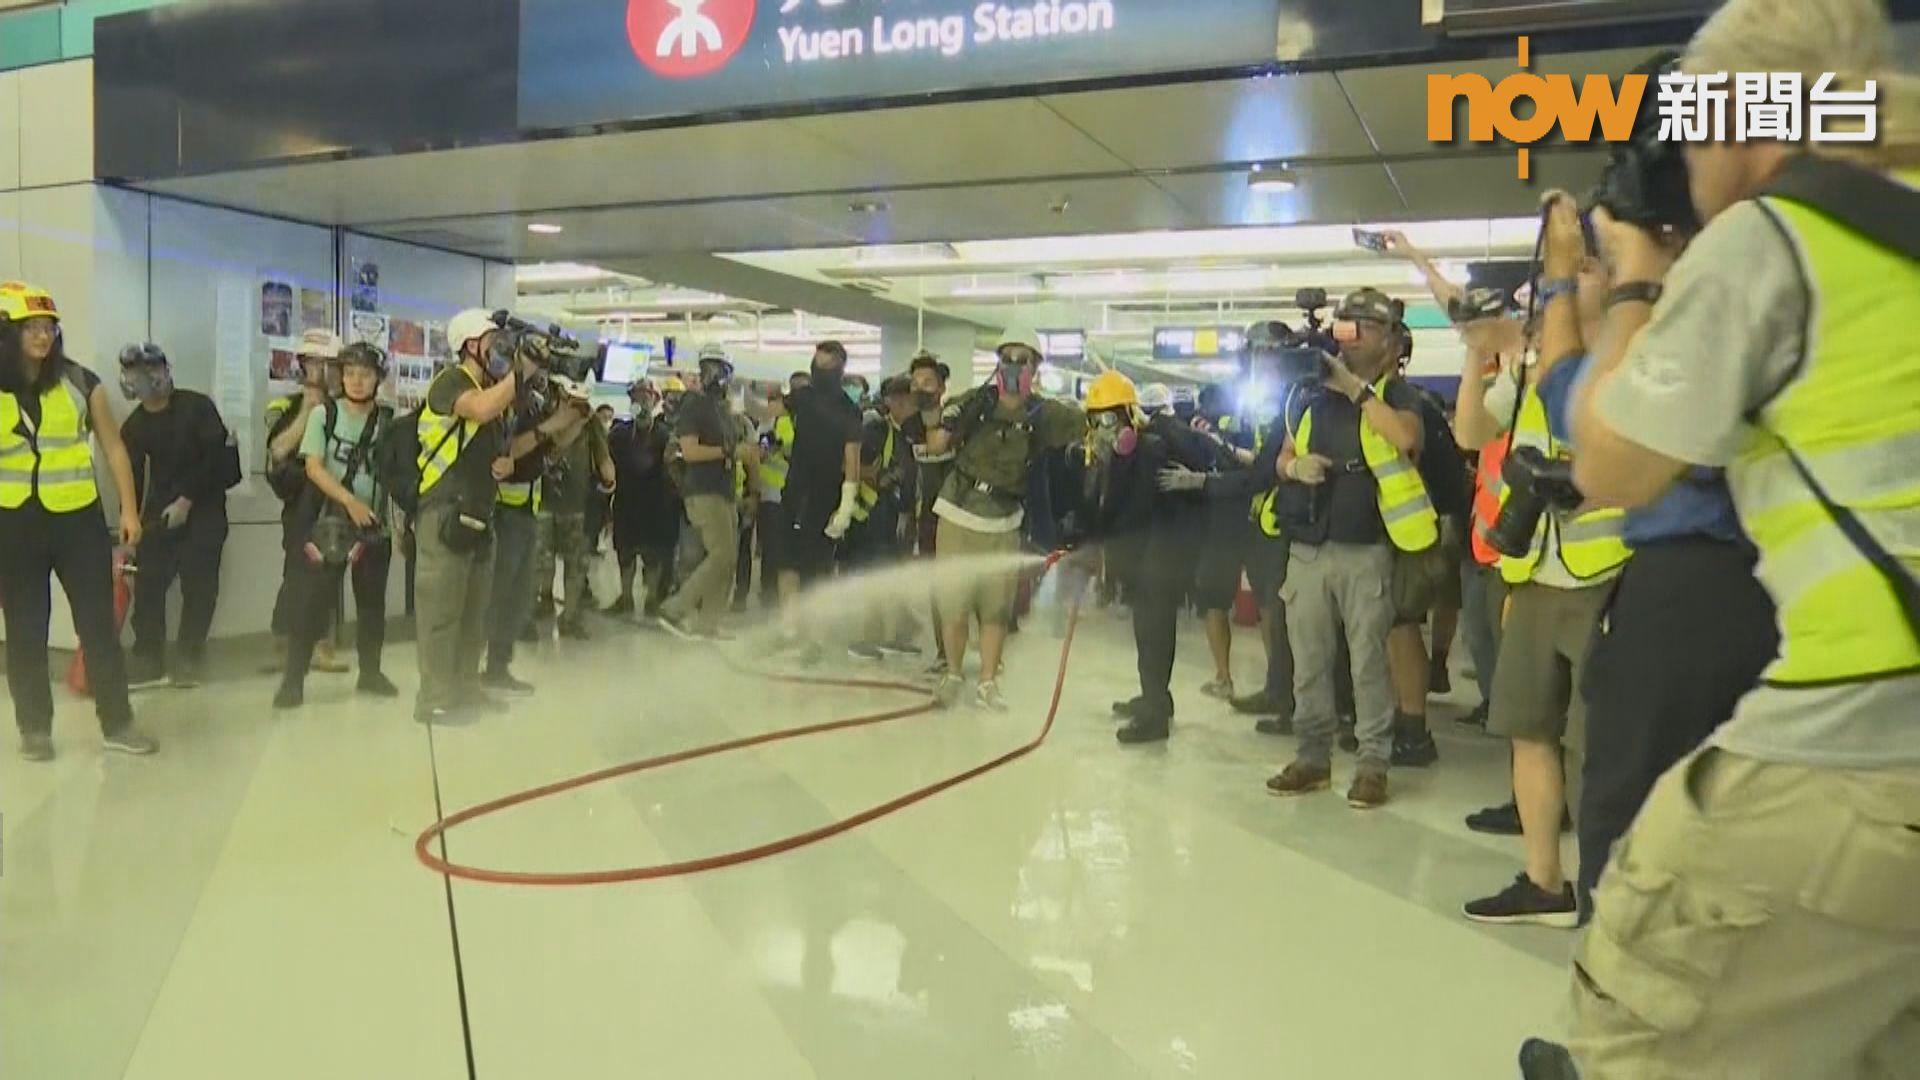 人民日報批評港鐵縱容暴力